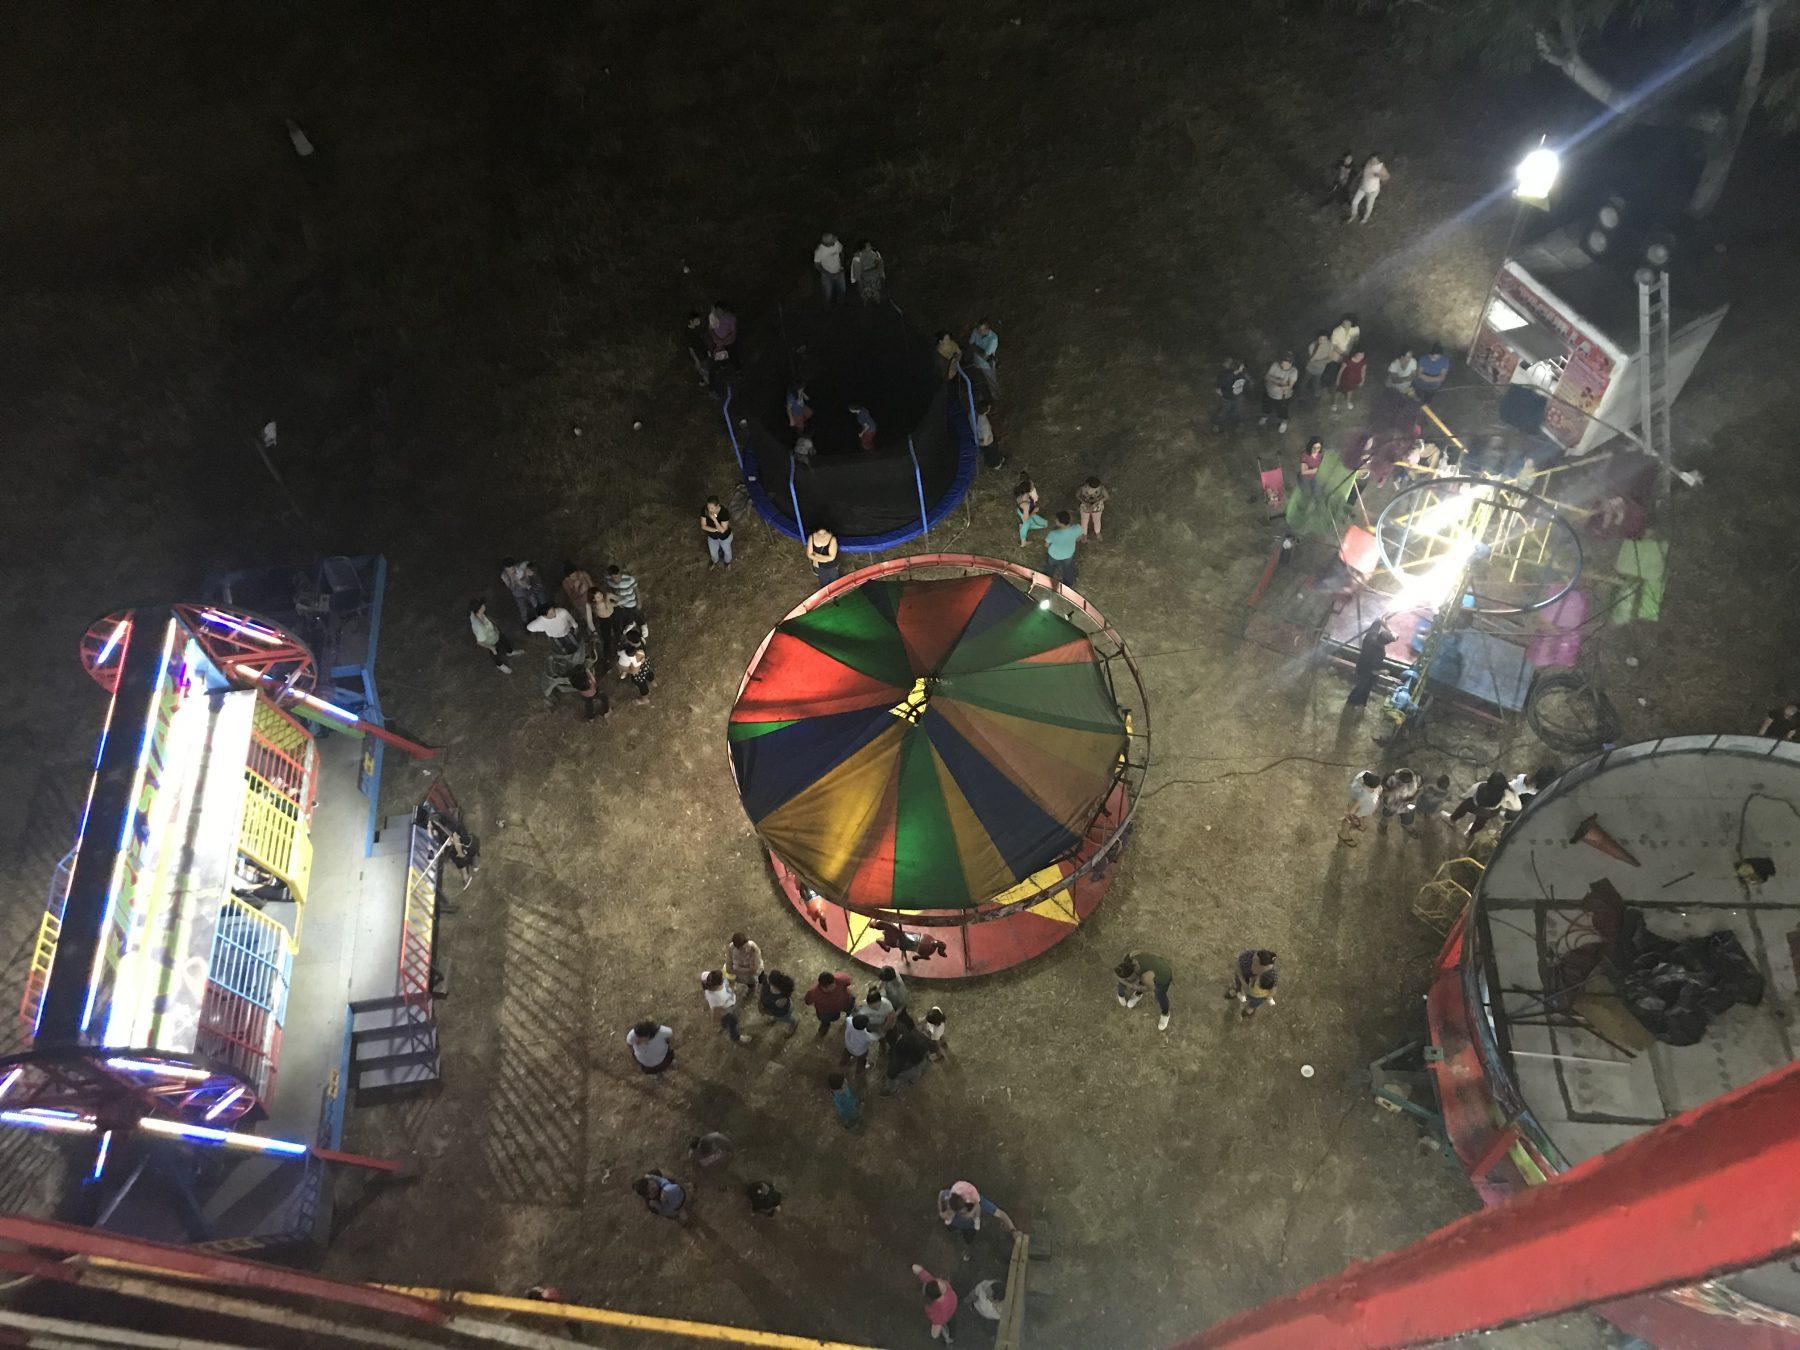 Fun at the Fairgrounds of Ilopango, San Salvador